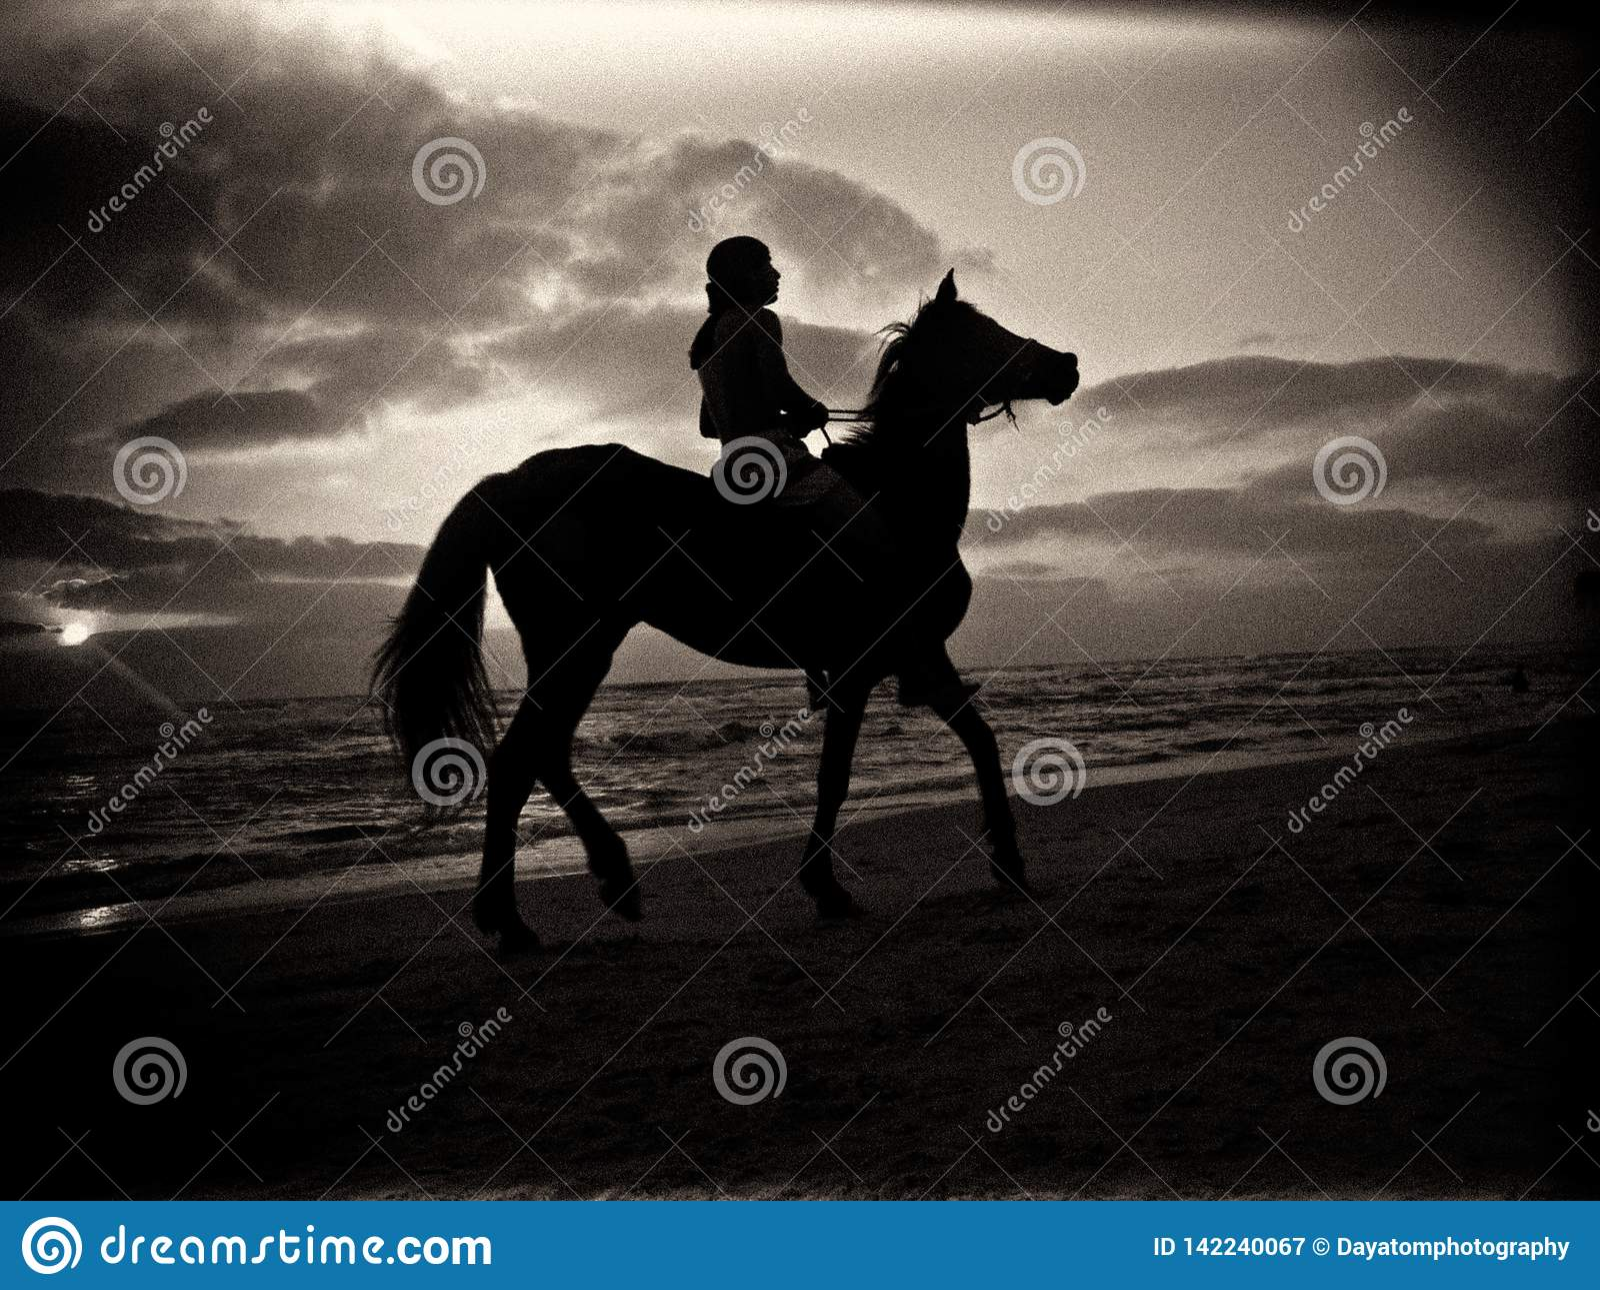 Silueta blanco y negro de un hombre que monta un caballo en una playa arenosa debajo de un cielo nublado durante puesta del sol